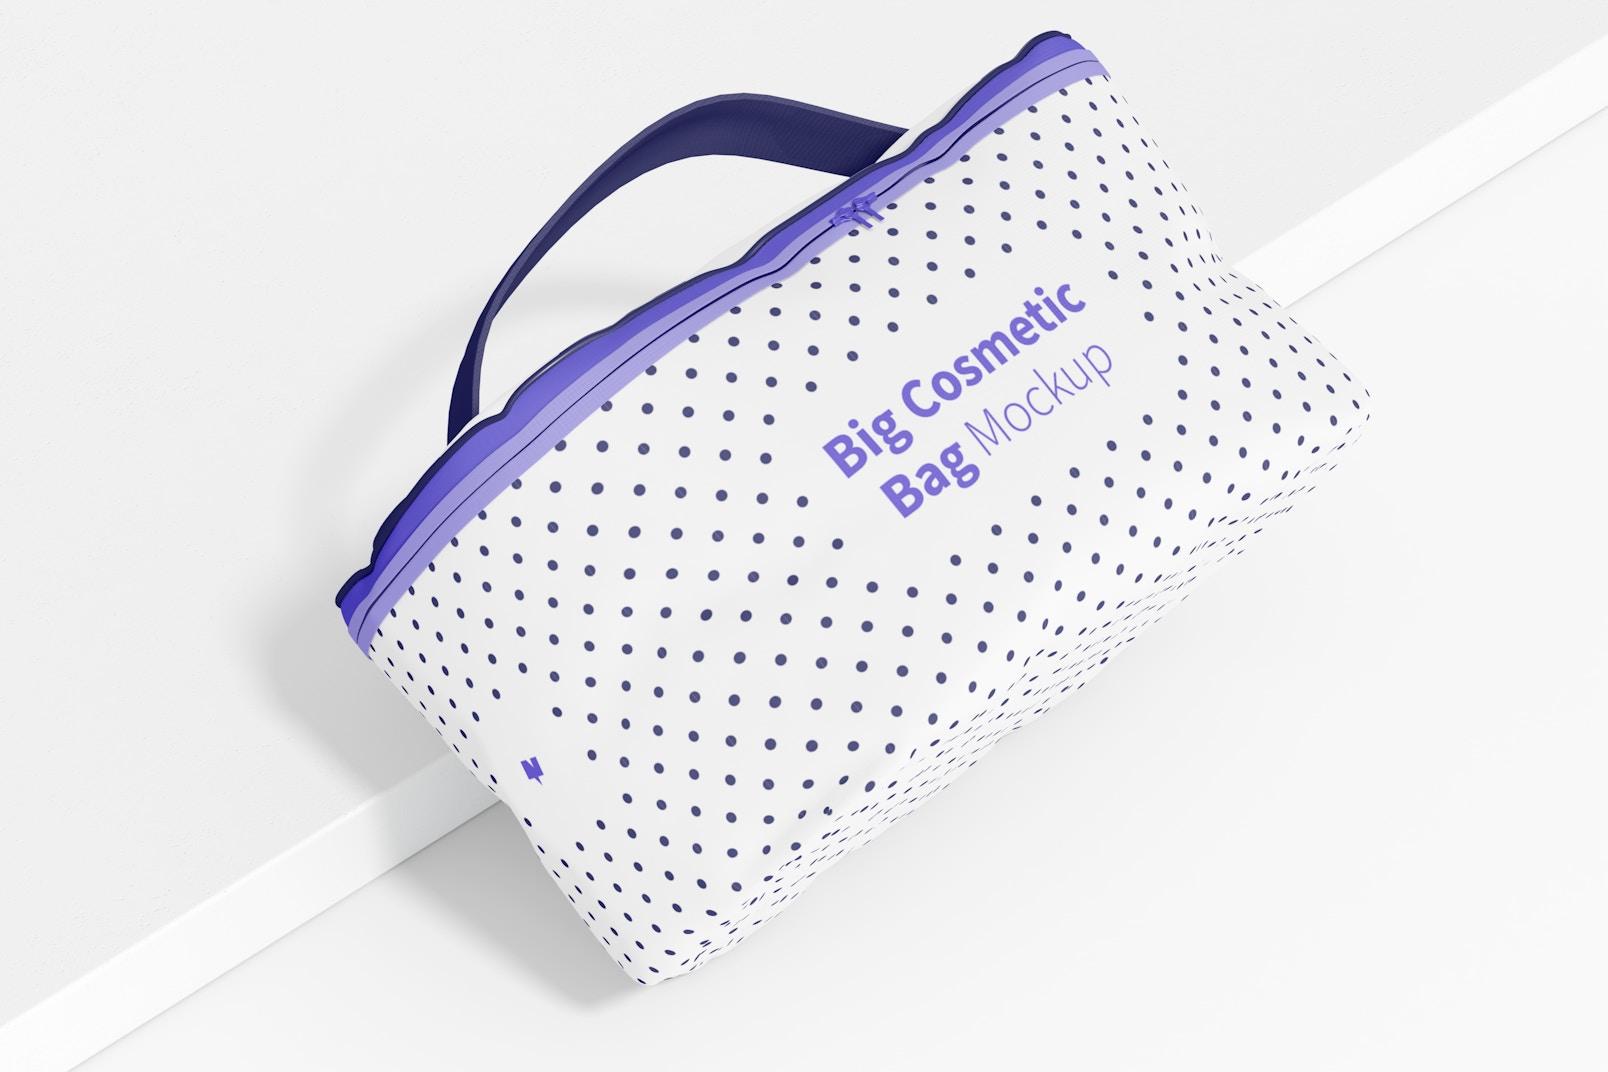 Big Cosmetic Bag Mockup, Top View